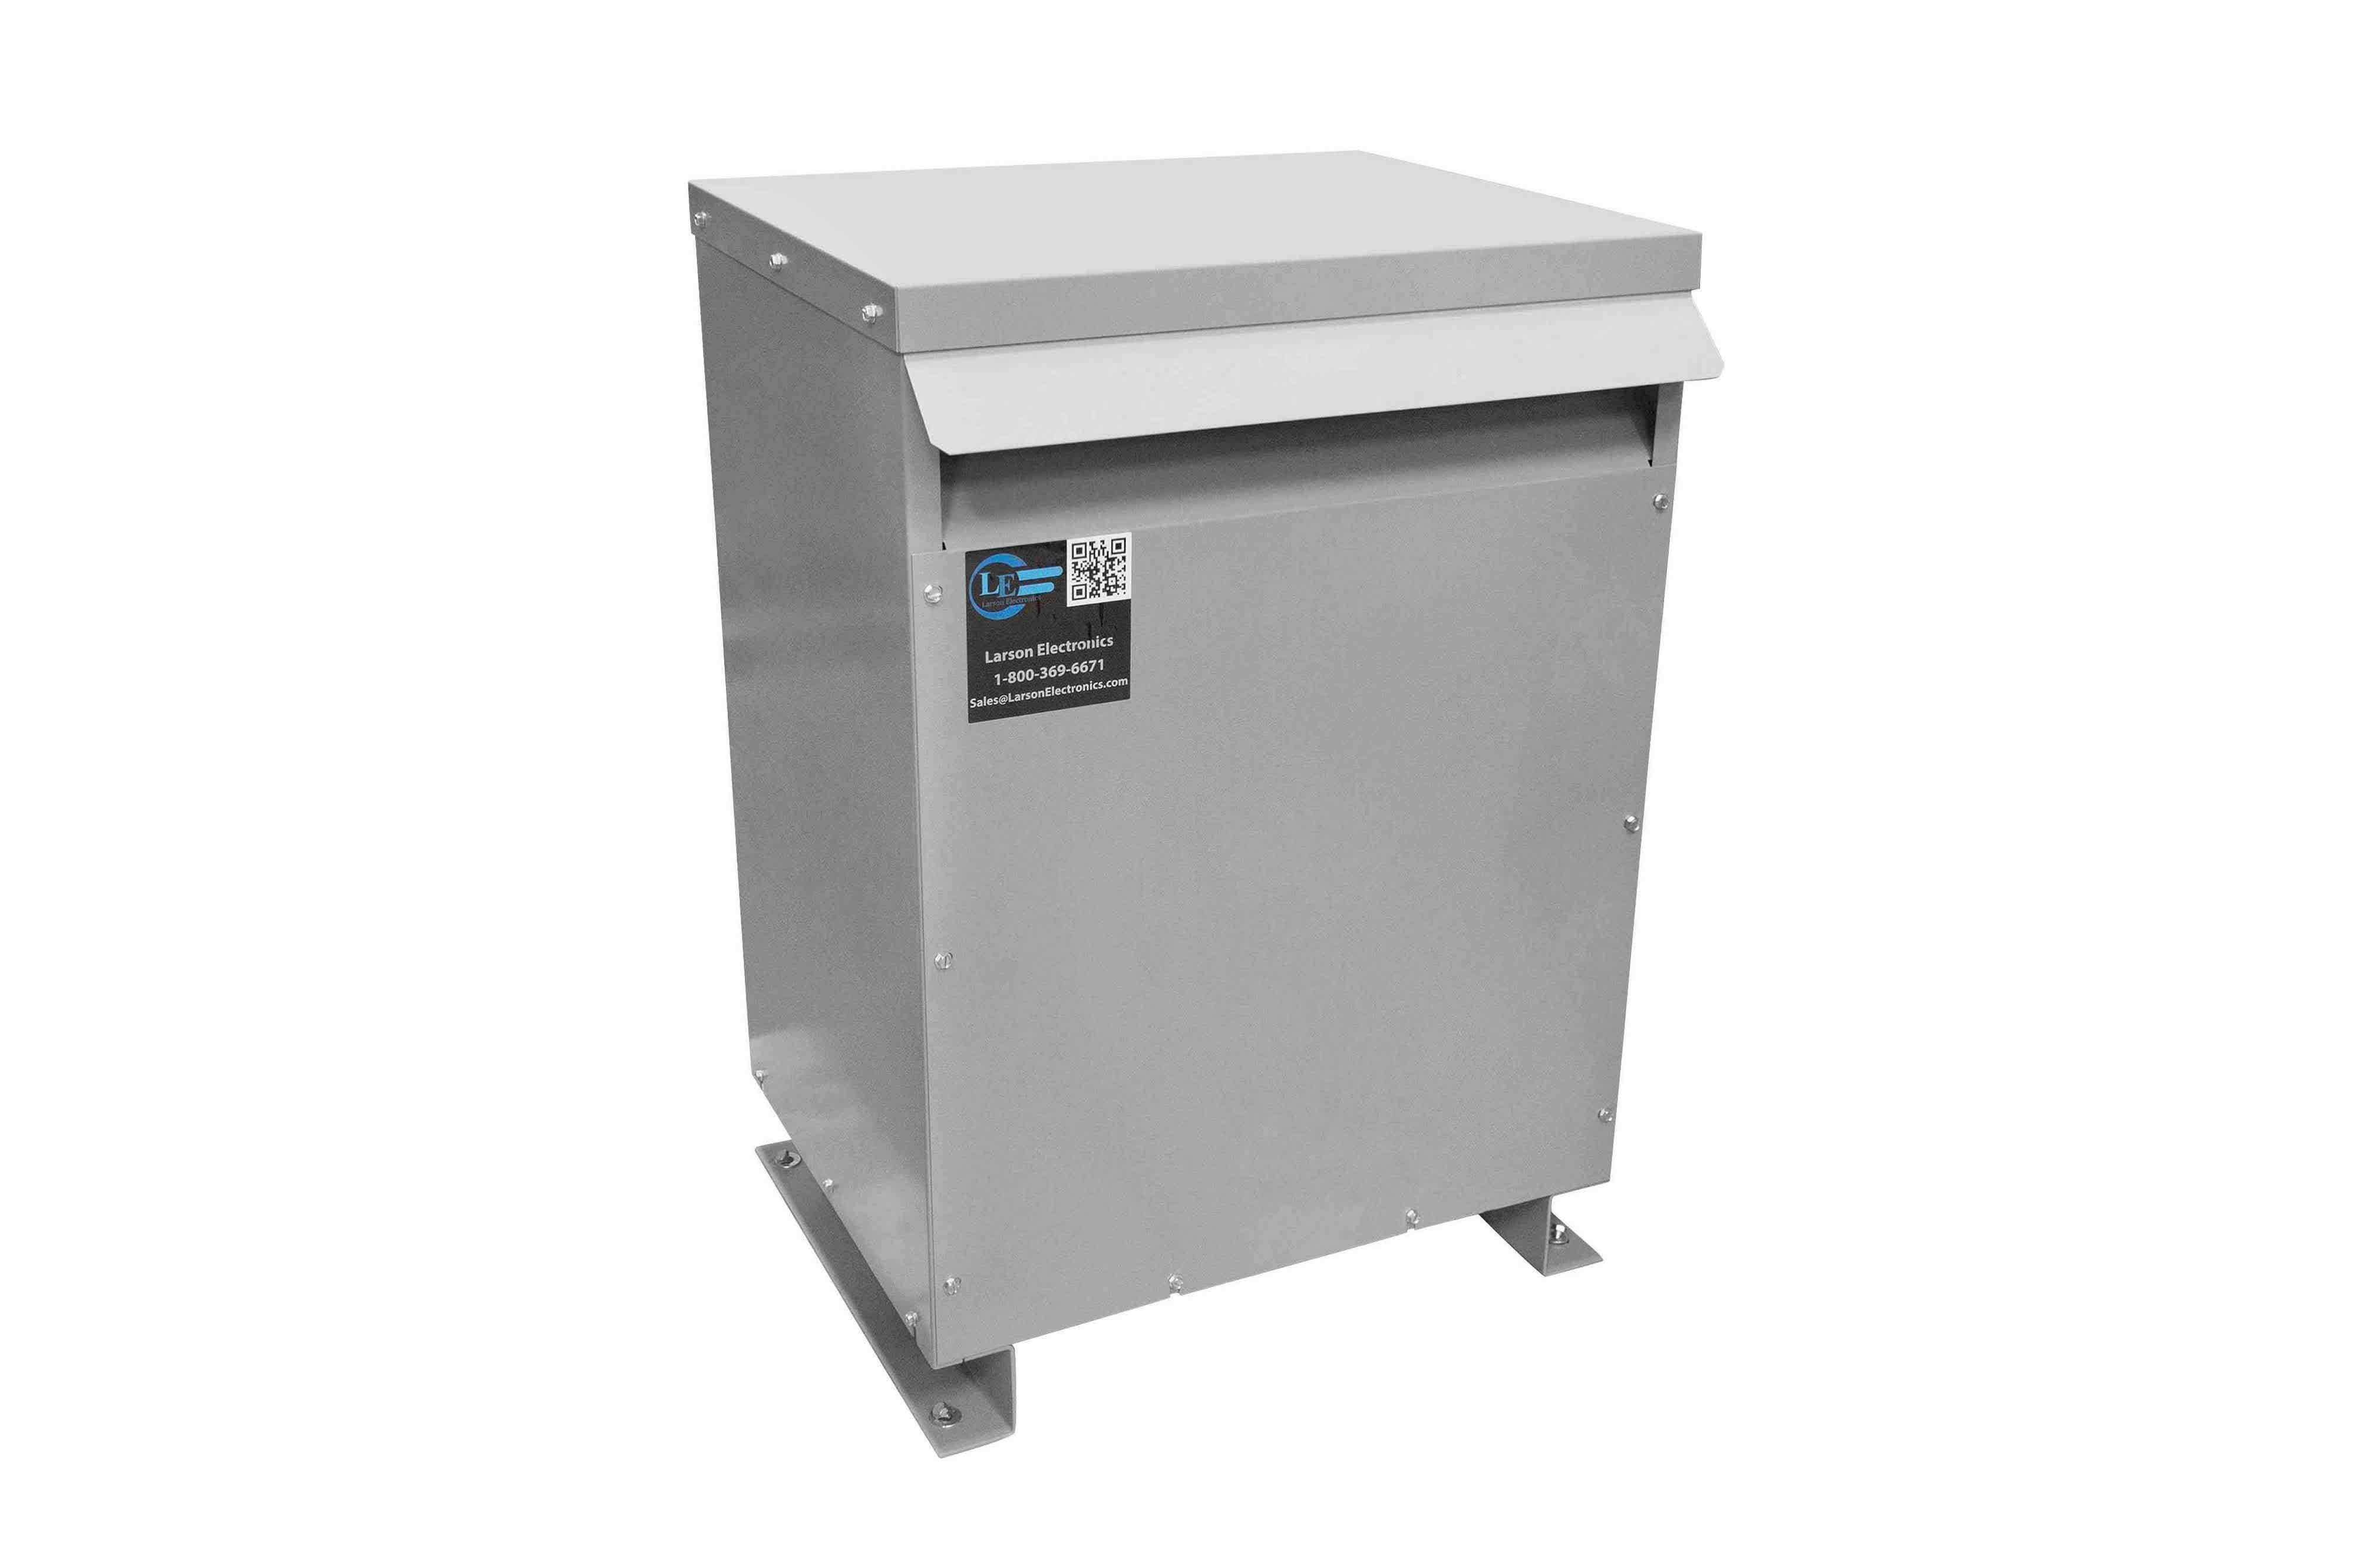 70 kVA 3PH Isolation Transformer, 460V Delta Primary, 415V Delta Secondary, N3R, Ventilated, 60 Hz